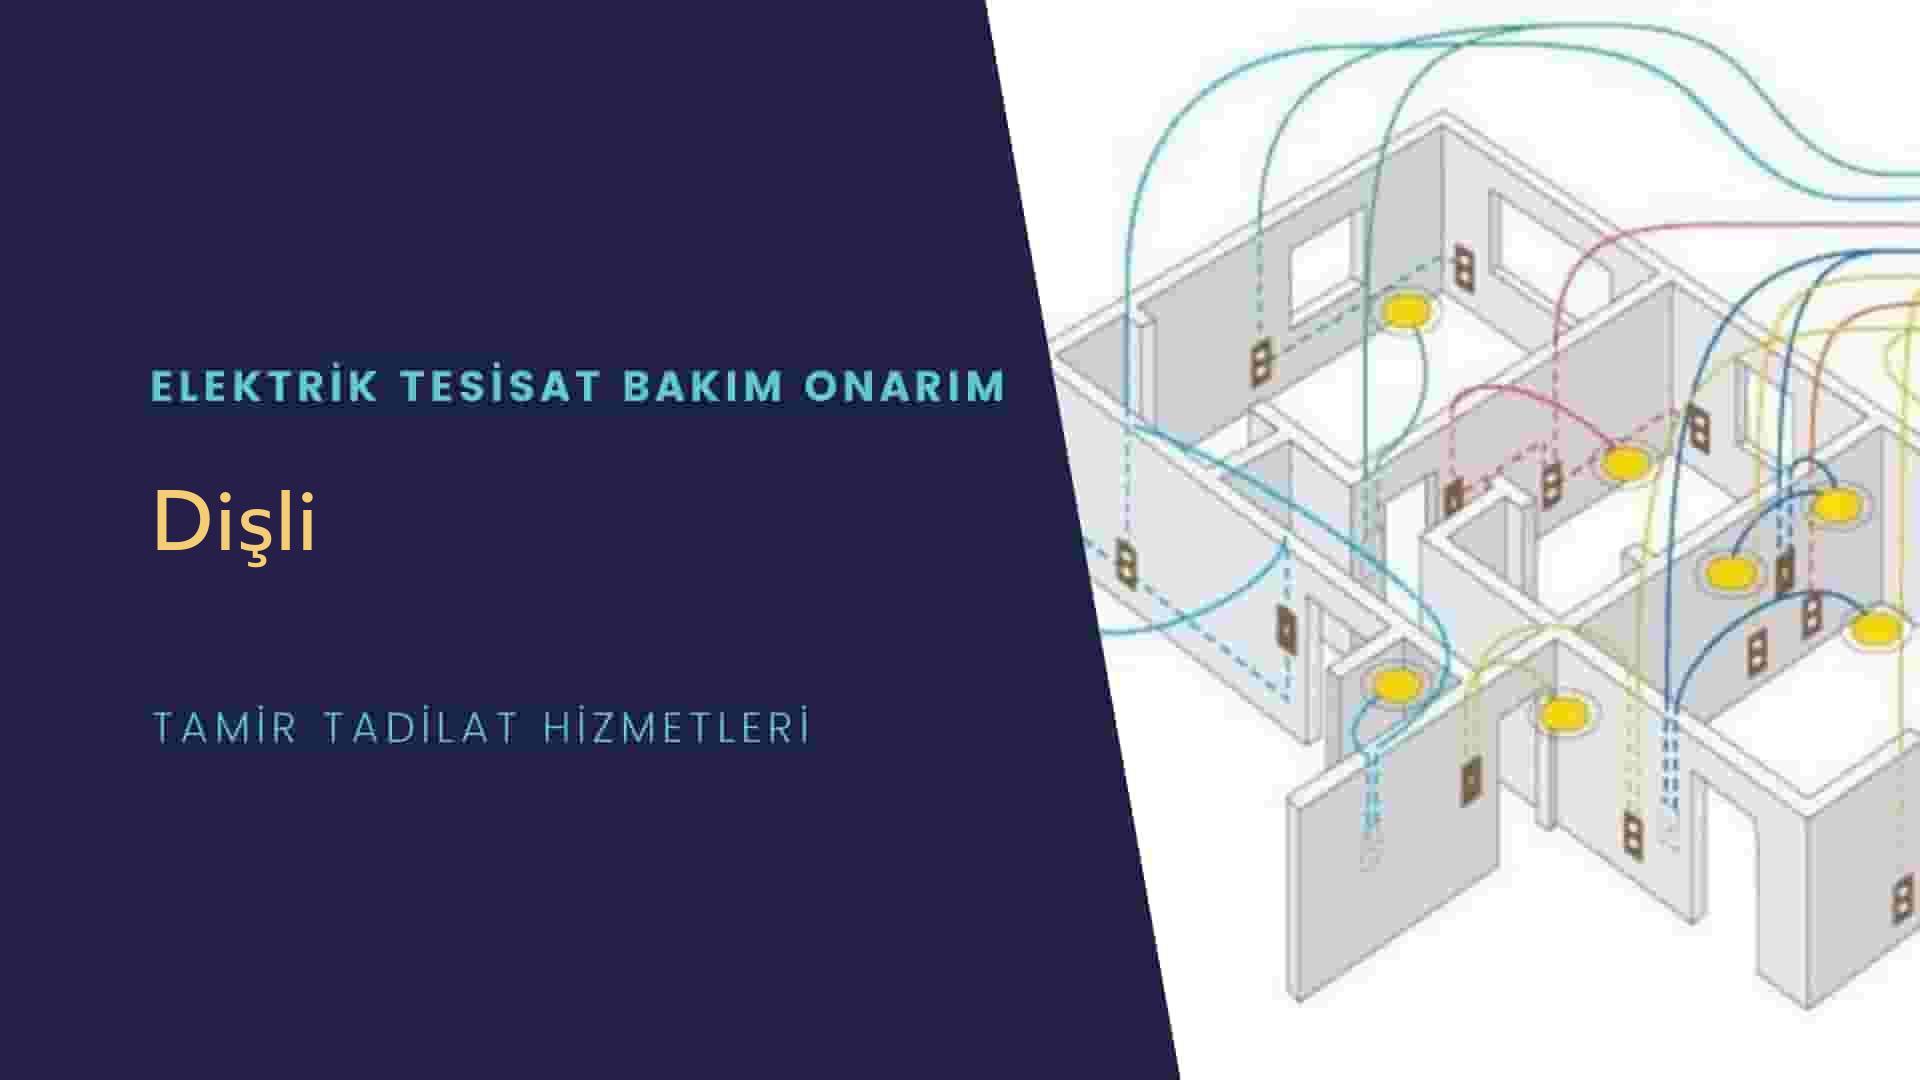 Dişli'de elektrik tesisatıustalarımı arıyorsunuz doğru adrestenizi Dişli elektrik tesisatı ustalarımız 7/24 sizlere hizmet vermekten mutluluk duyar.